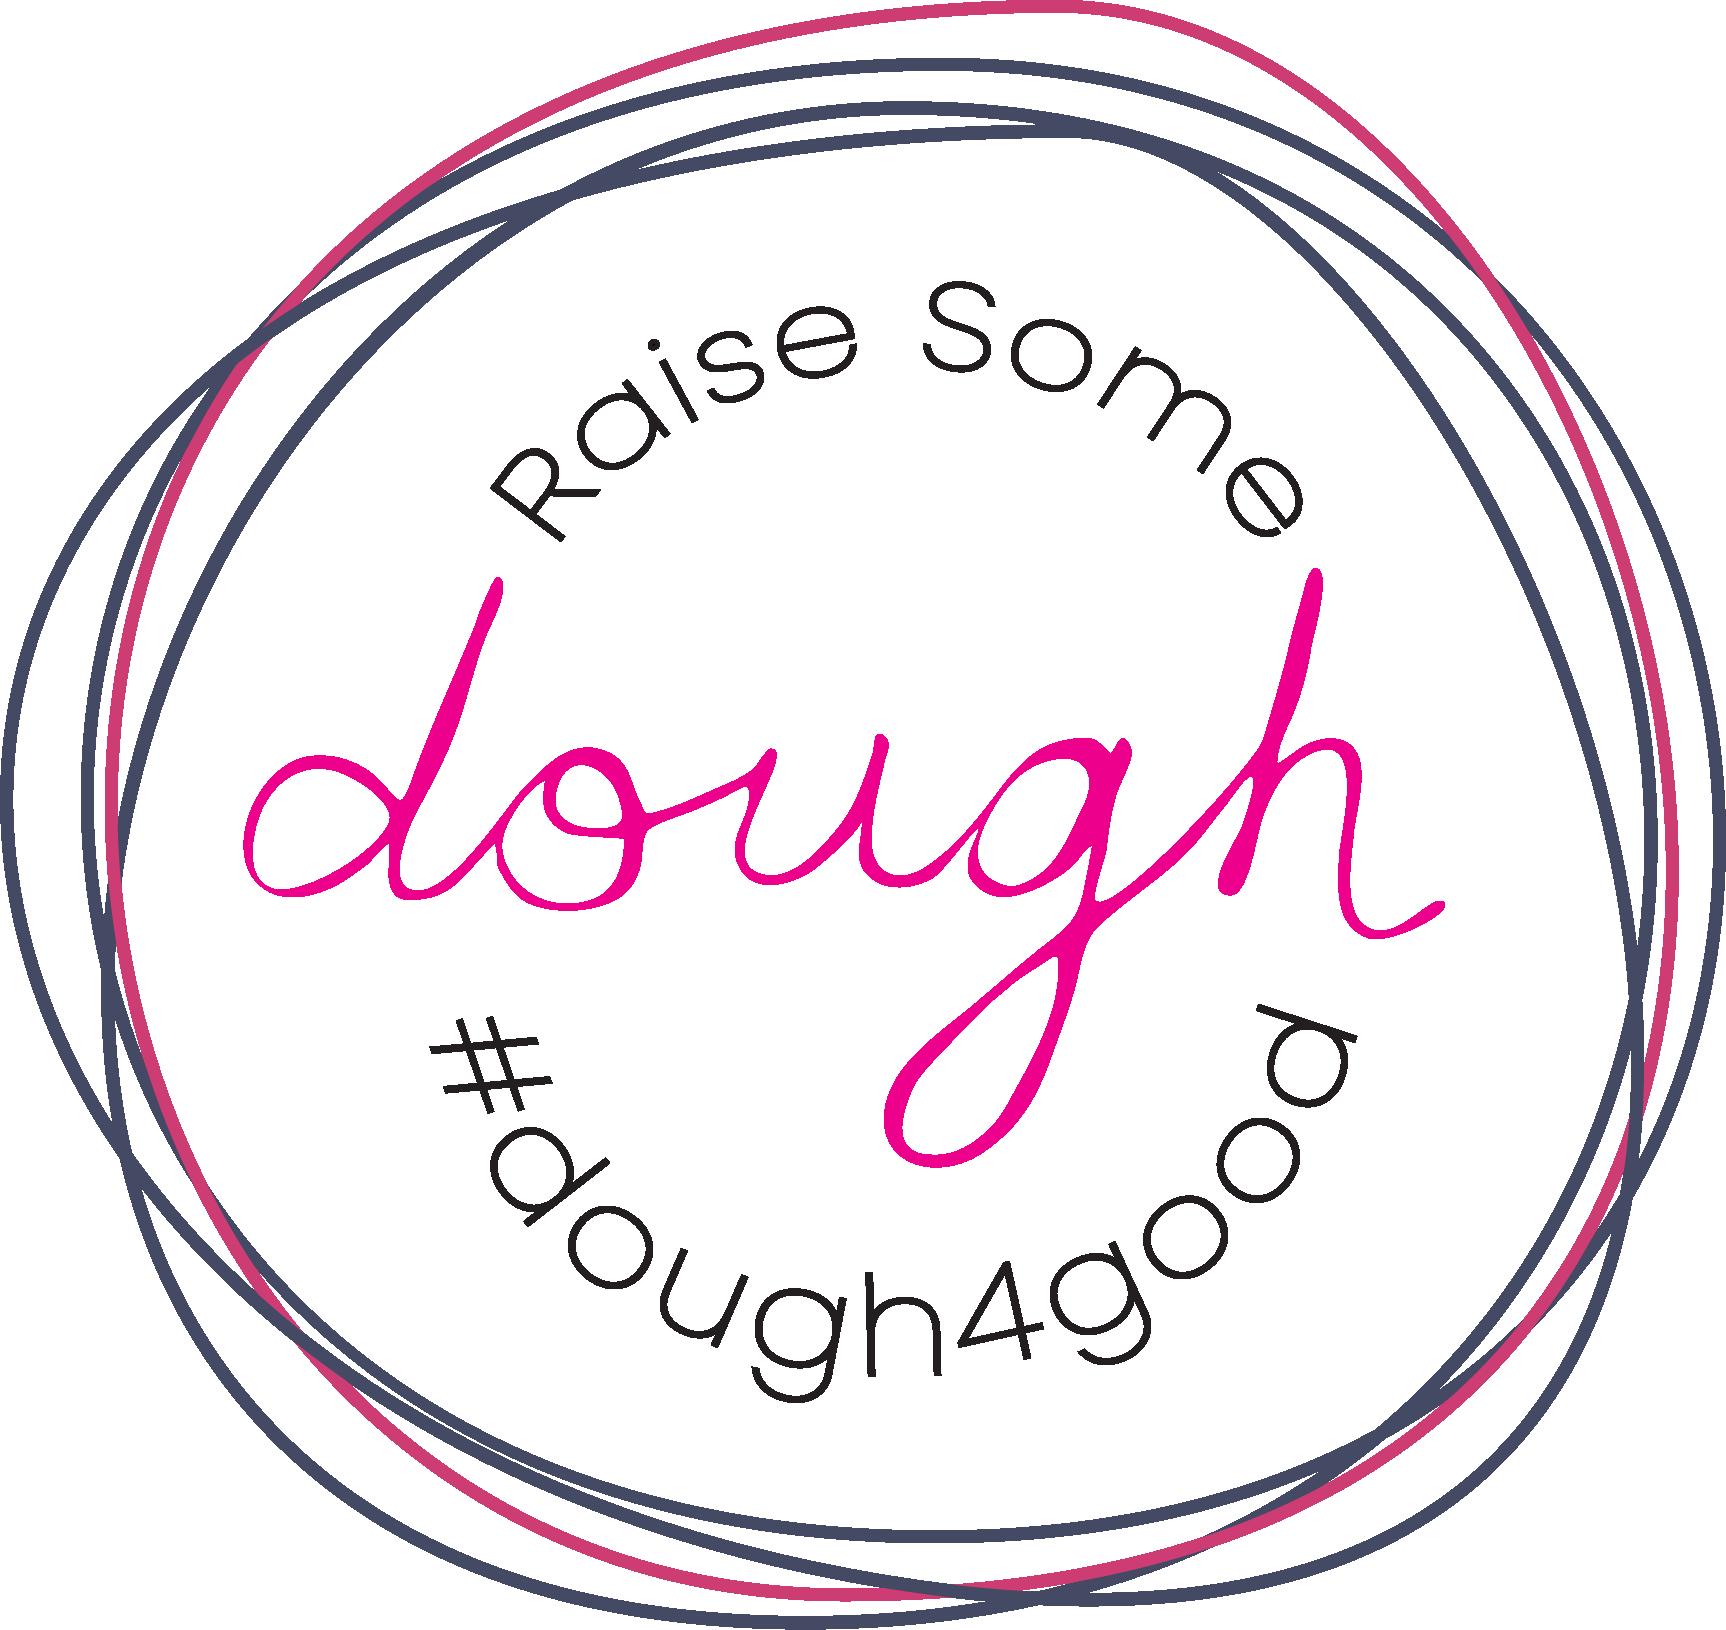 dough4goodpoppinsb.png